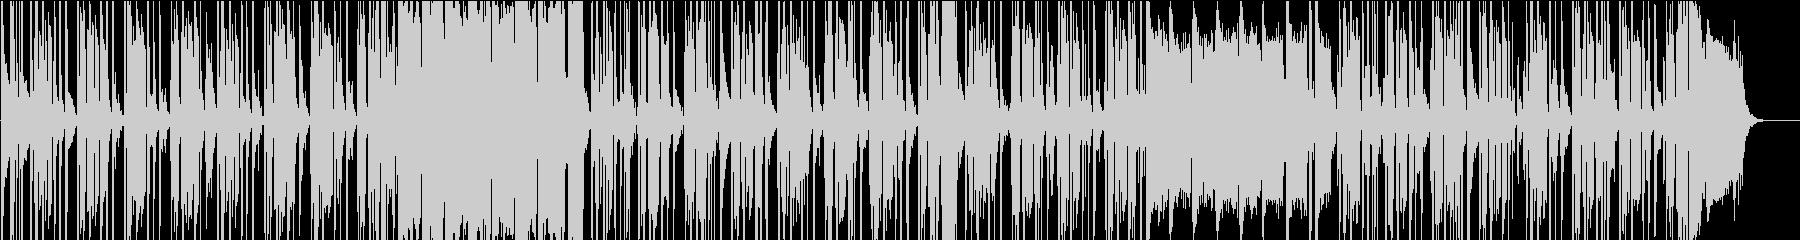 伝統的なレゲエサウンドの遅いレゲエ...の未再生の波形